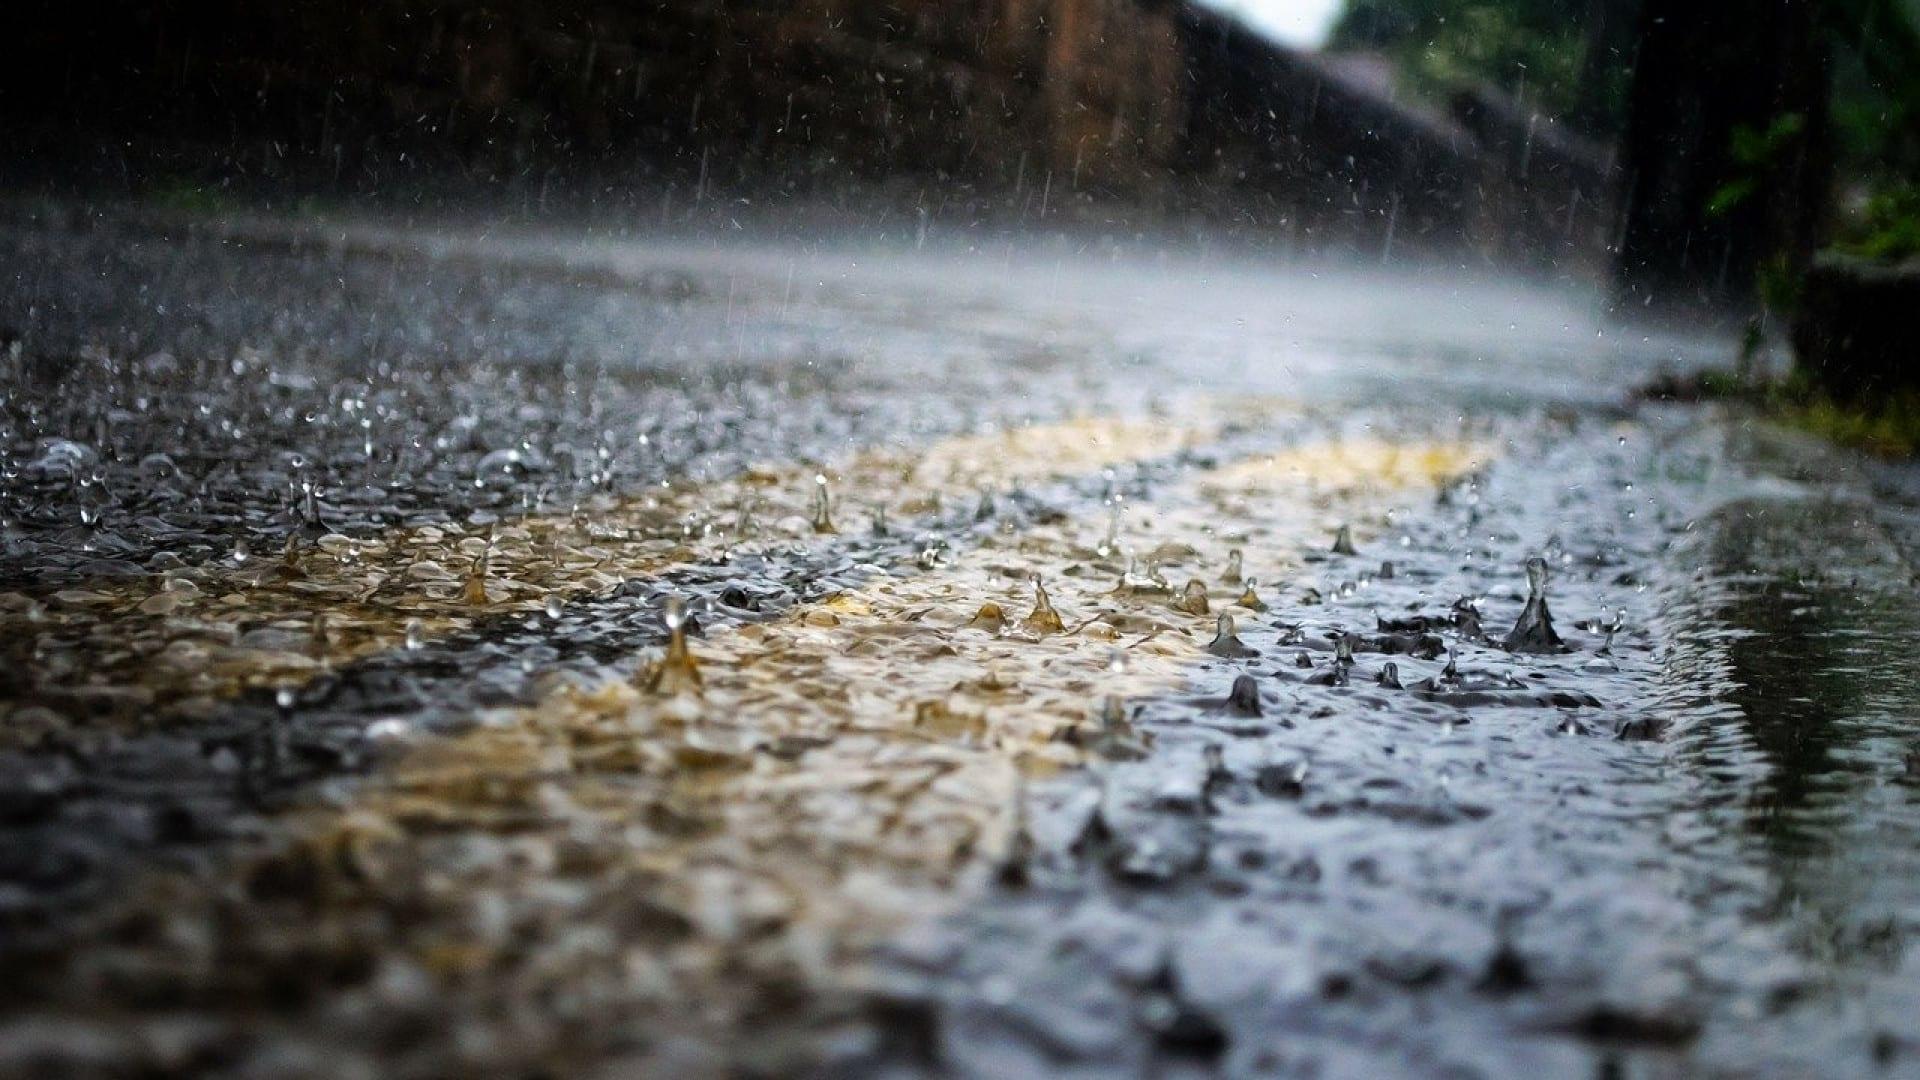 Une activité ludique à faire en vacances lors des jours de pluie